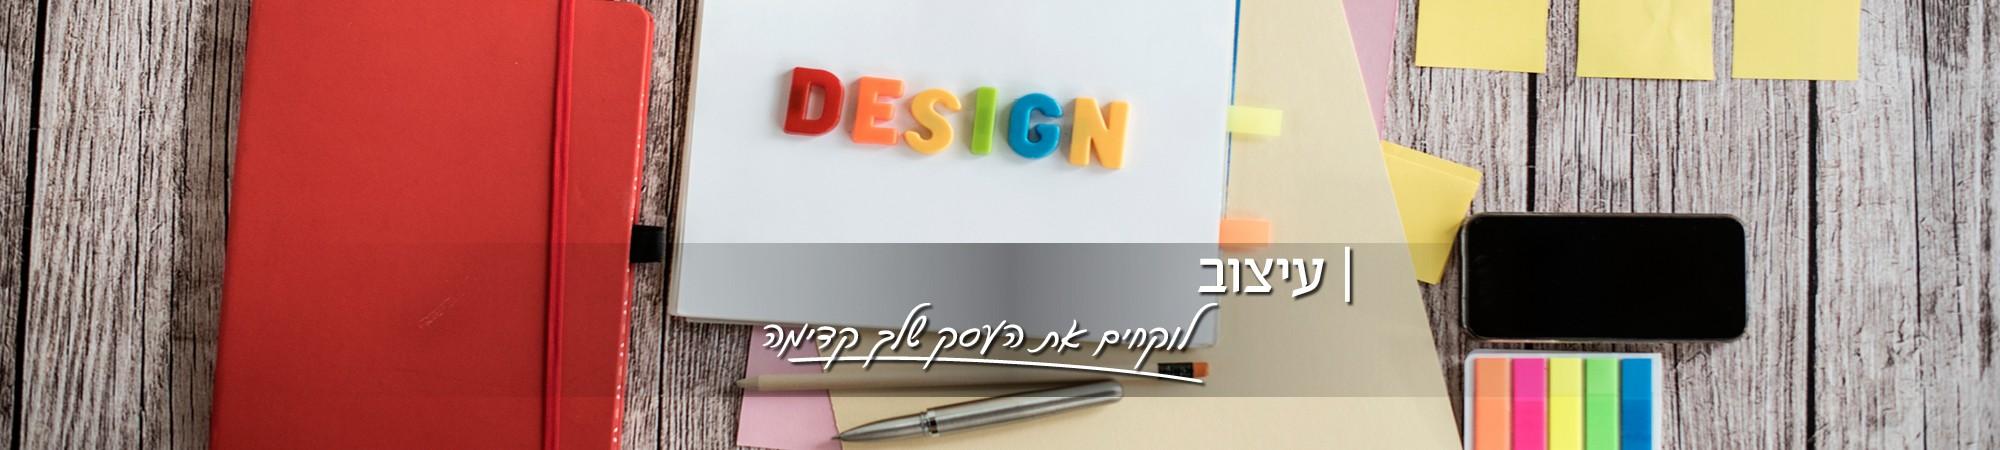 עיצוב - לוקחים את העסק שלך קדימה